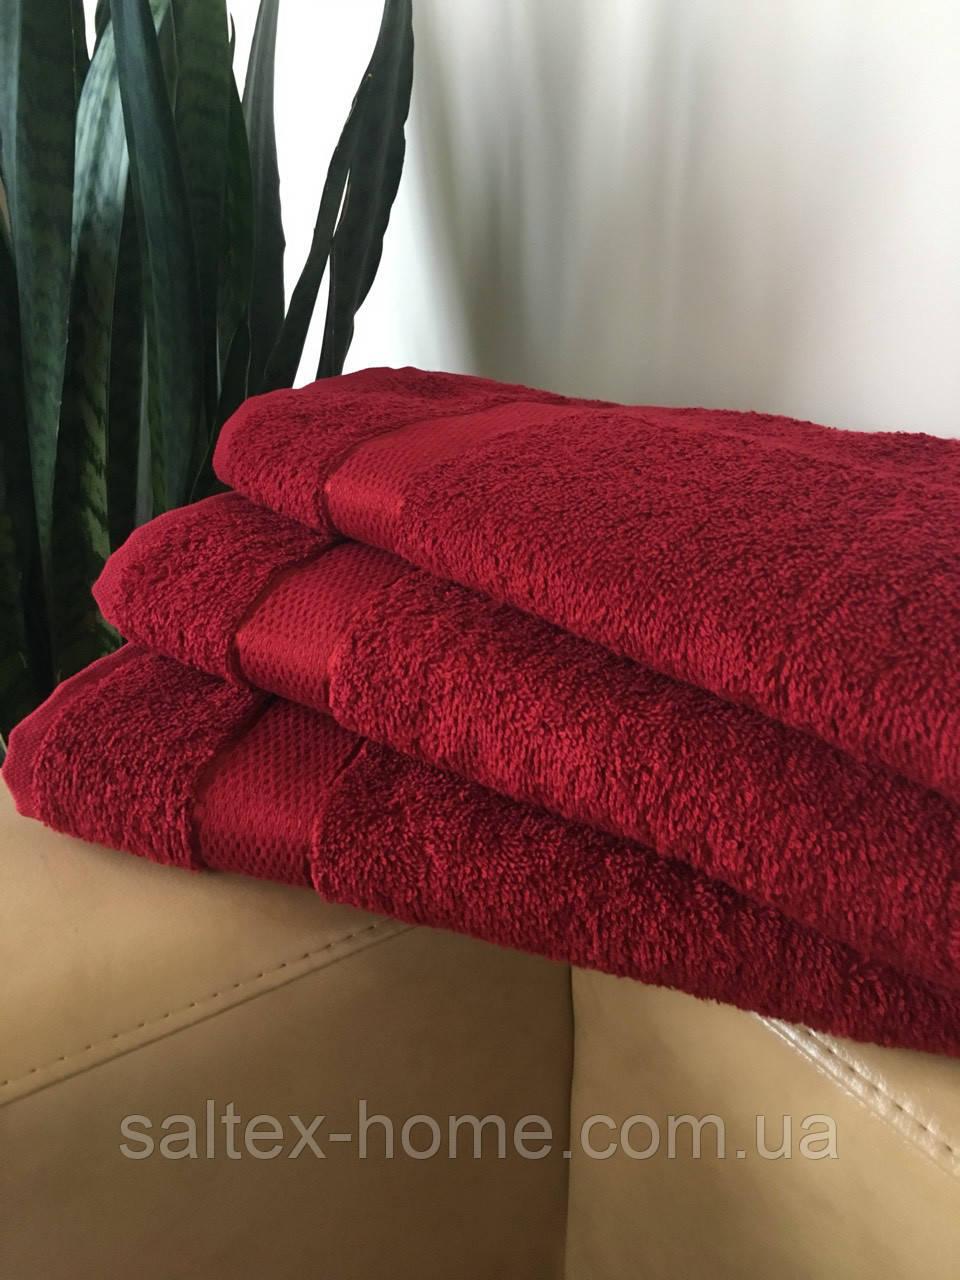 Махровое полотенце 40х70 см для лица, 400 г/м, Узбекистан, бордового цвета